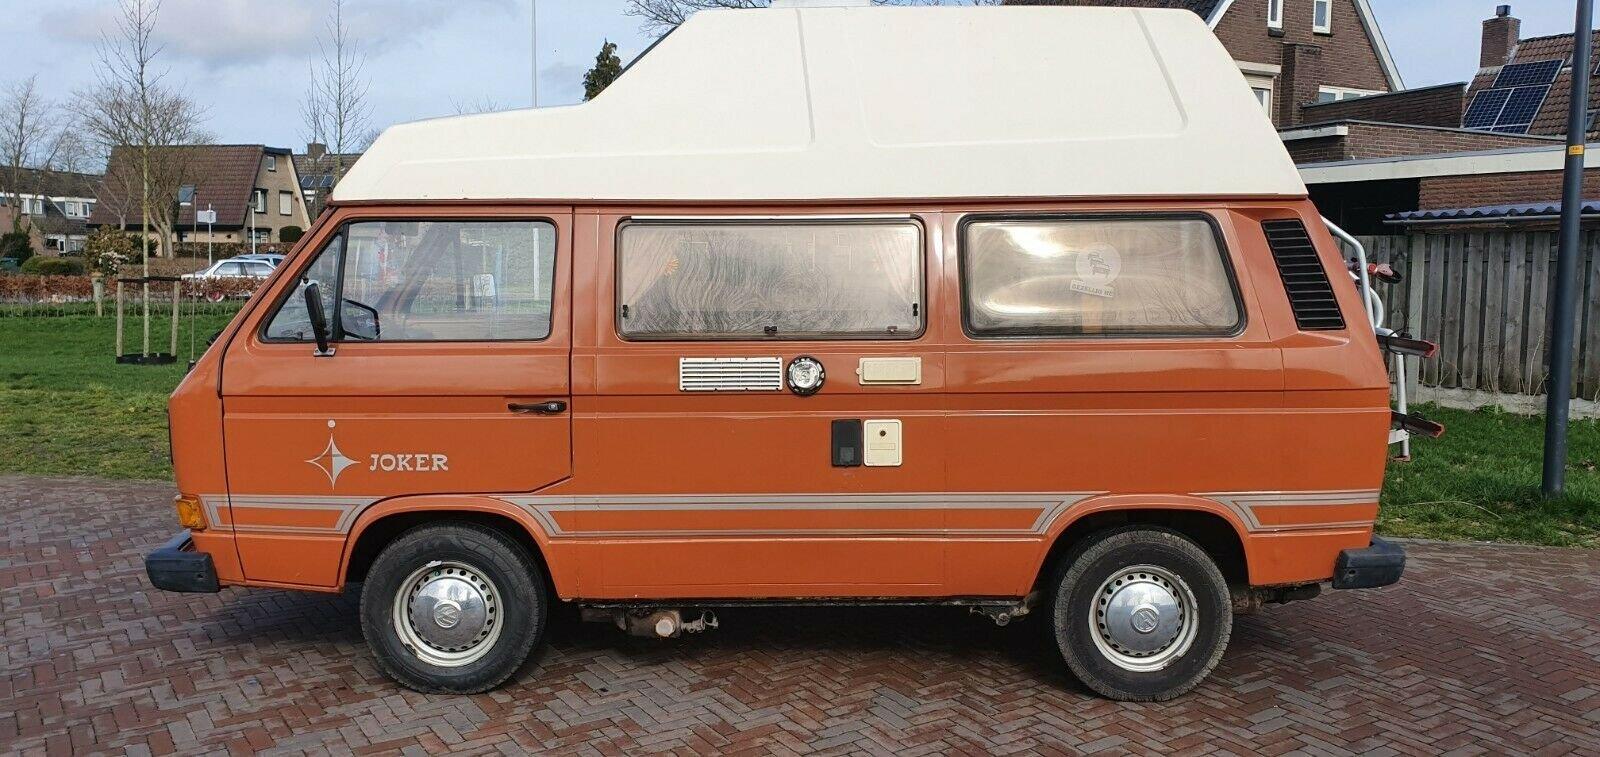 1984 Volkswagen T3 Bus, VW T3 Westfalia, Volkswagen T25 For Sale (picture 6 of 6)